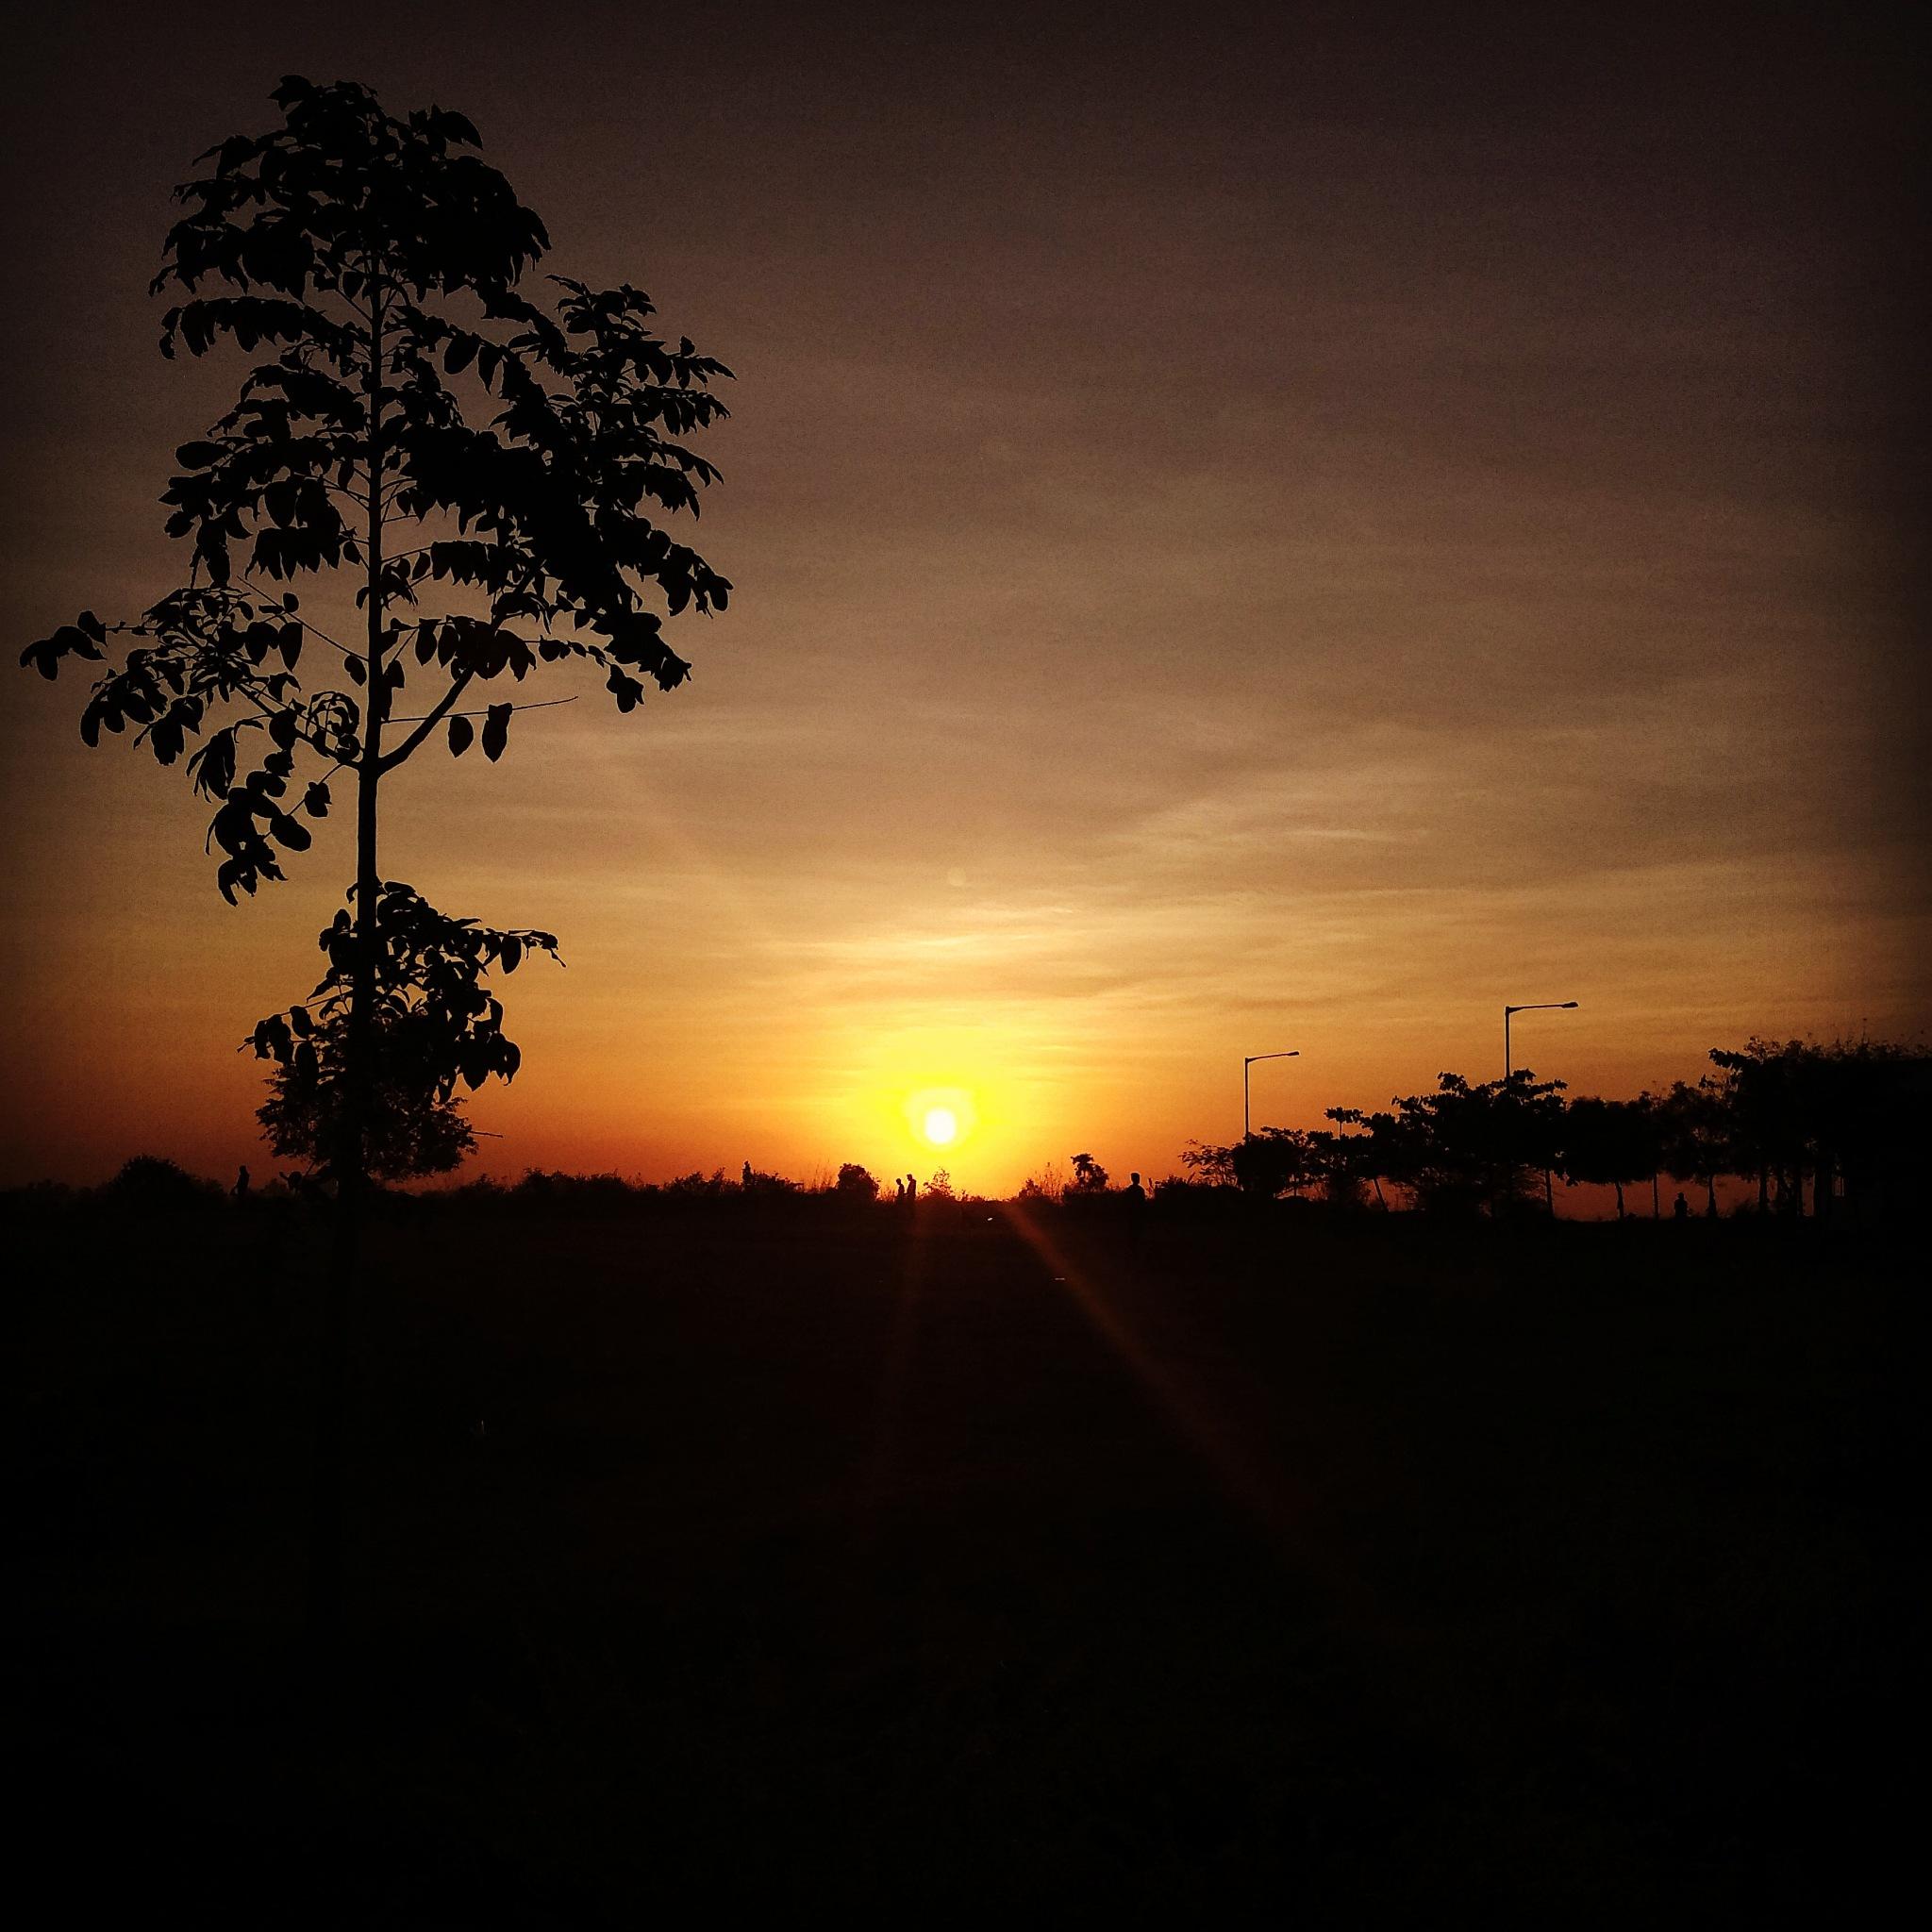 Sunrise by Harsha Bharadwaj